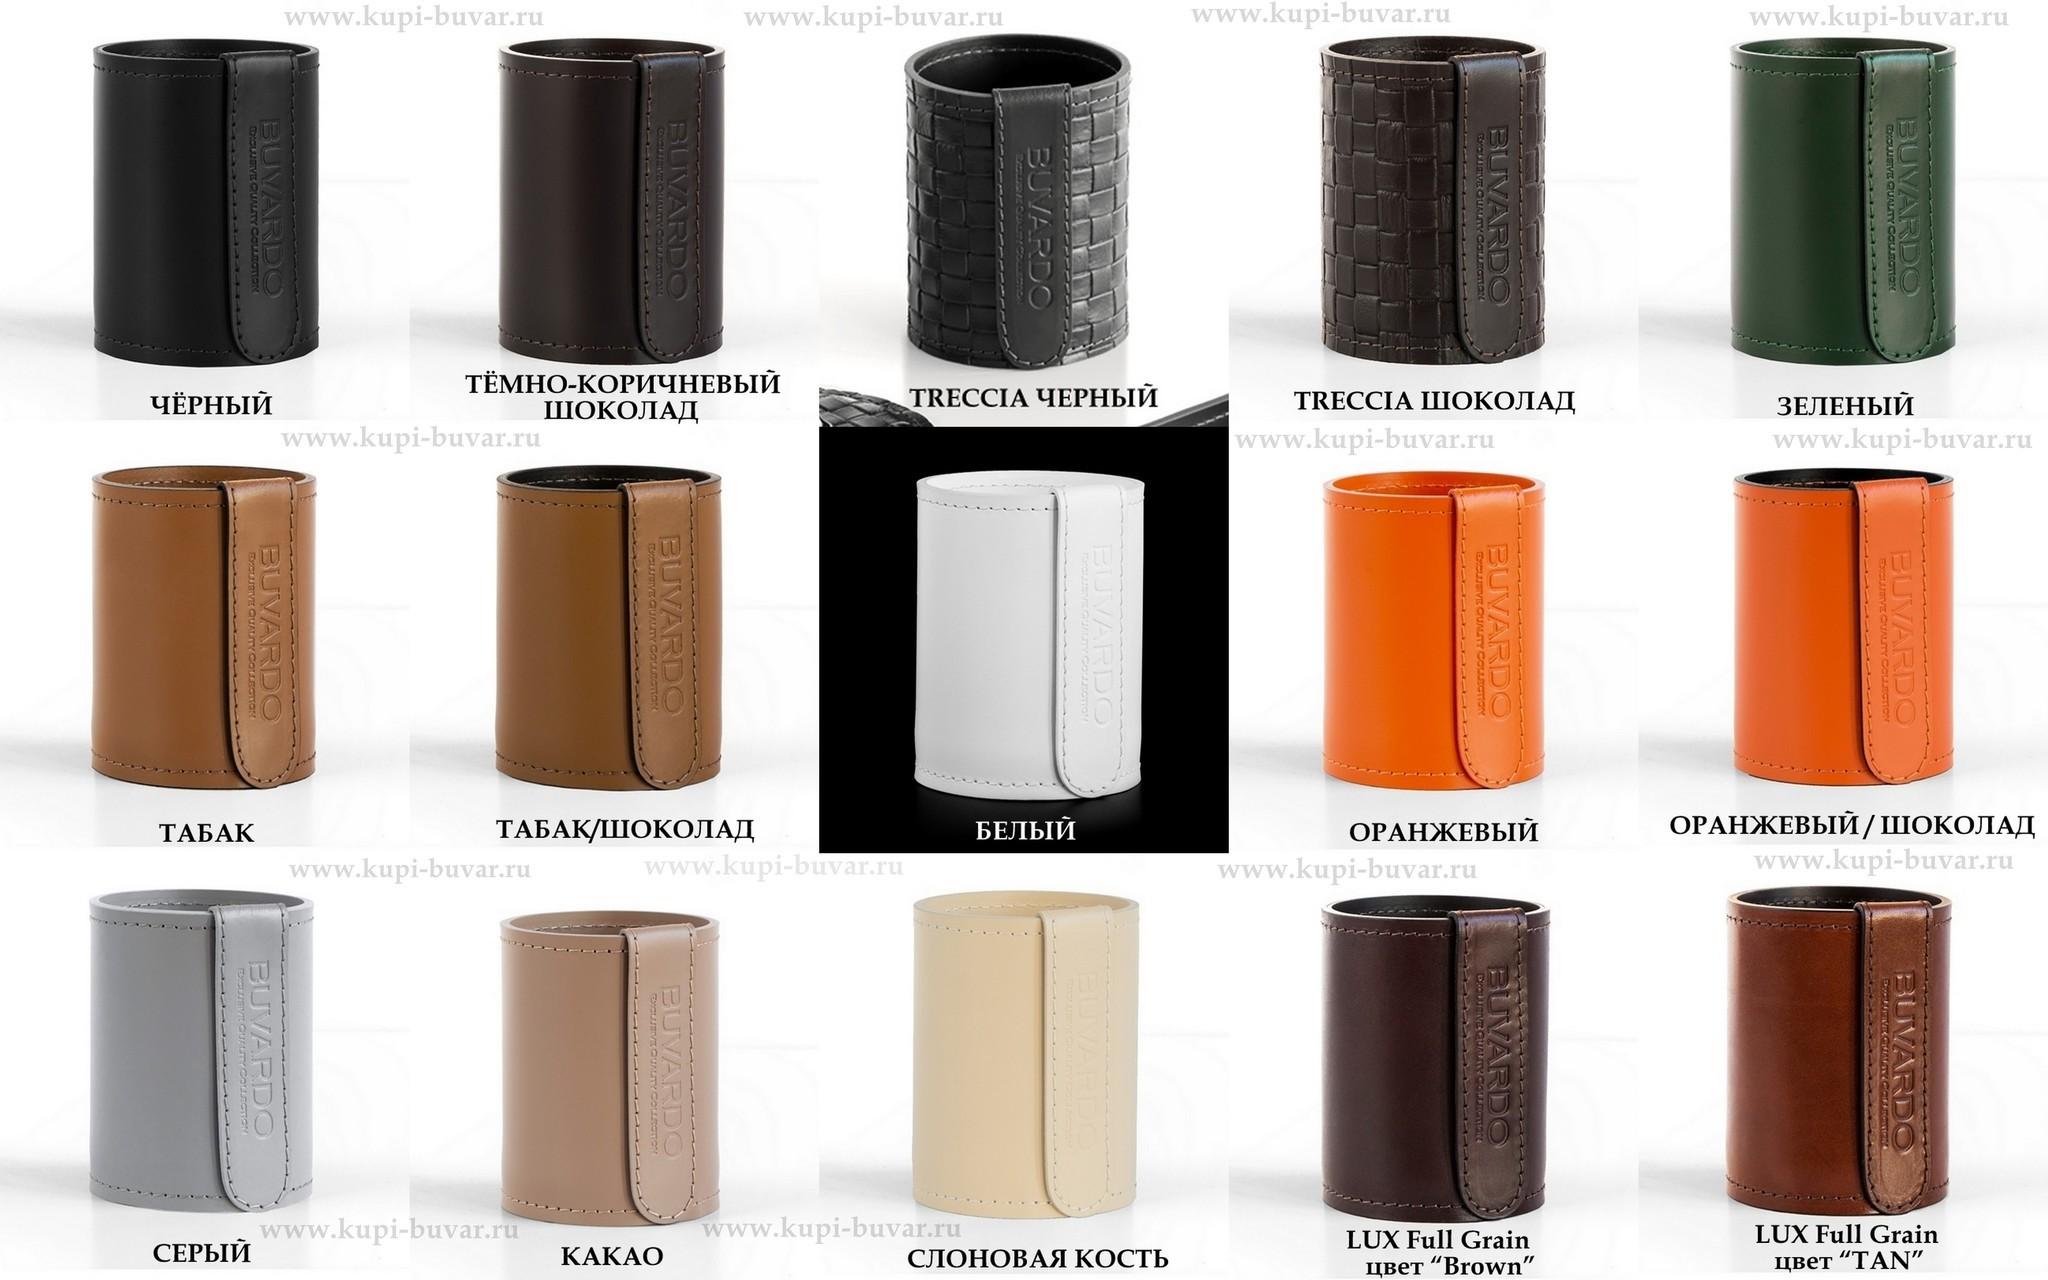 Варианты цвета кожи Cuoietto для изготовления набора руководителя артикул 1121.